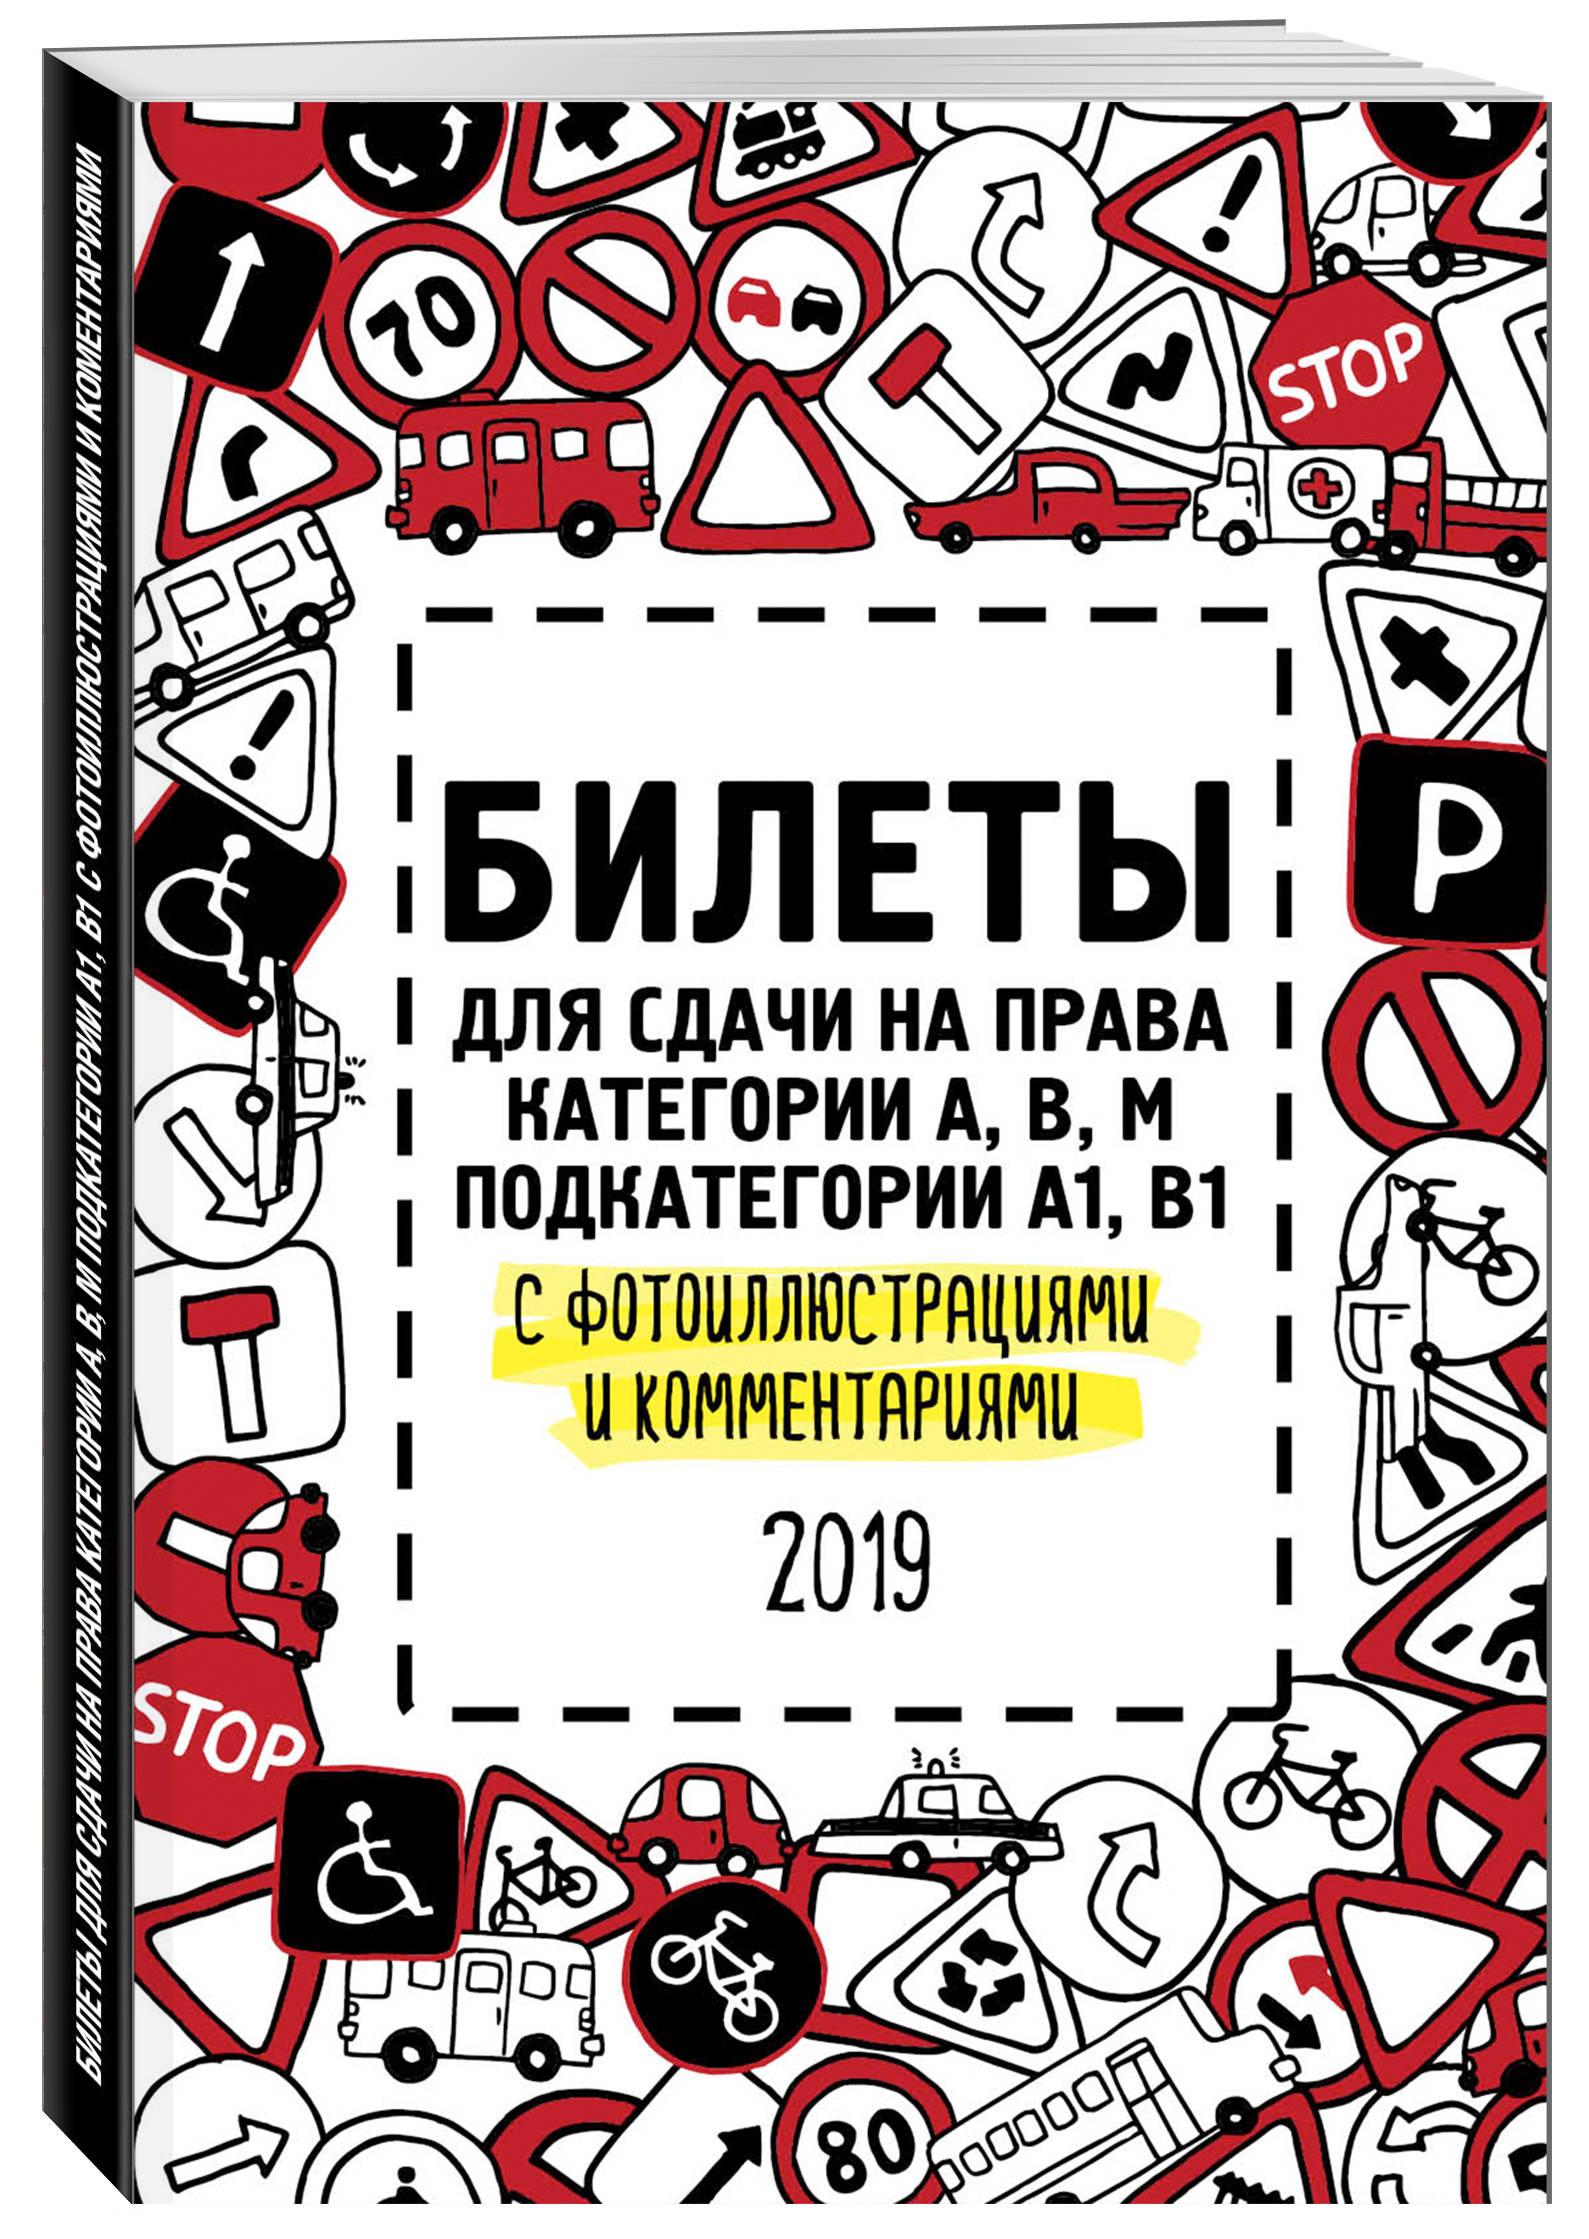 Билеты для сдачи на права категории АВM, подкатегории A1, B1 с фотоиллюстрациями и комментариями на 2019 г.